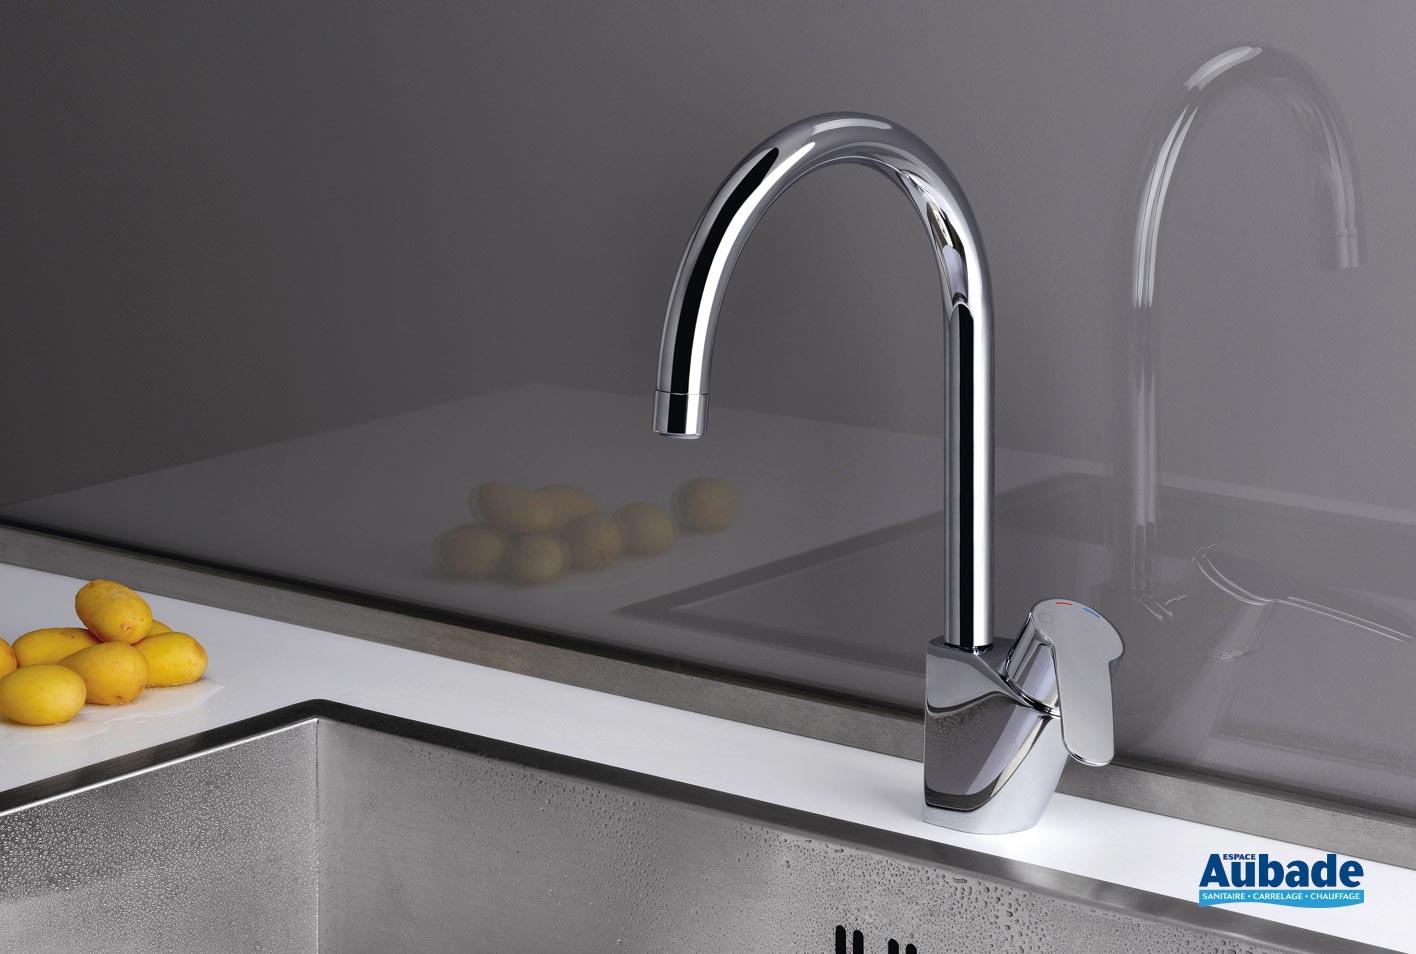 Evier Le Plus Resistant robinet cuisine bec haut cristina new day | espace aubade